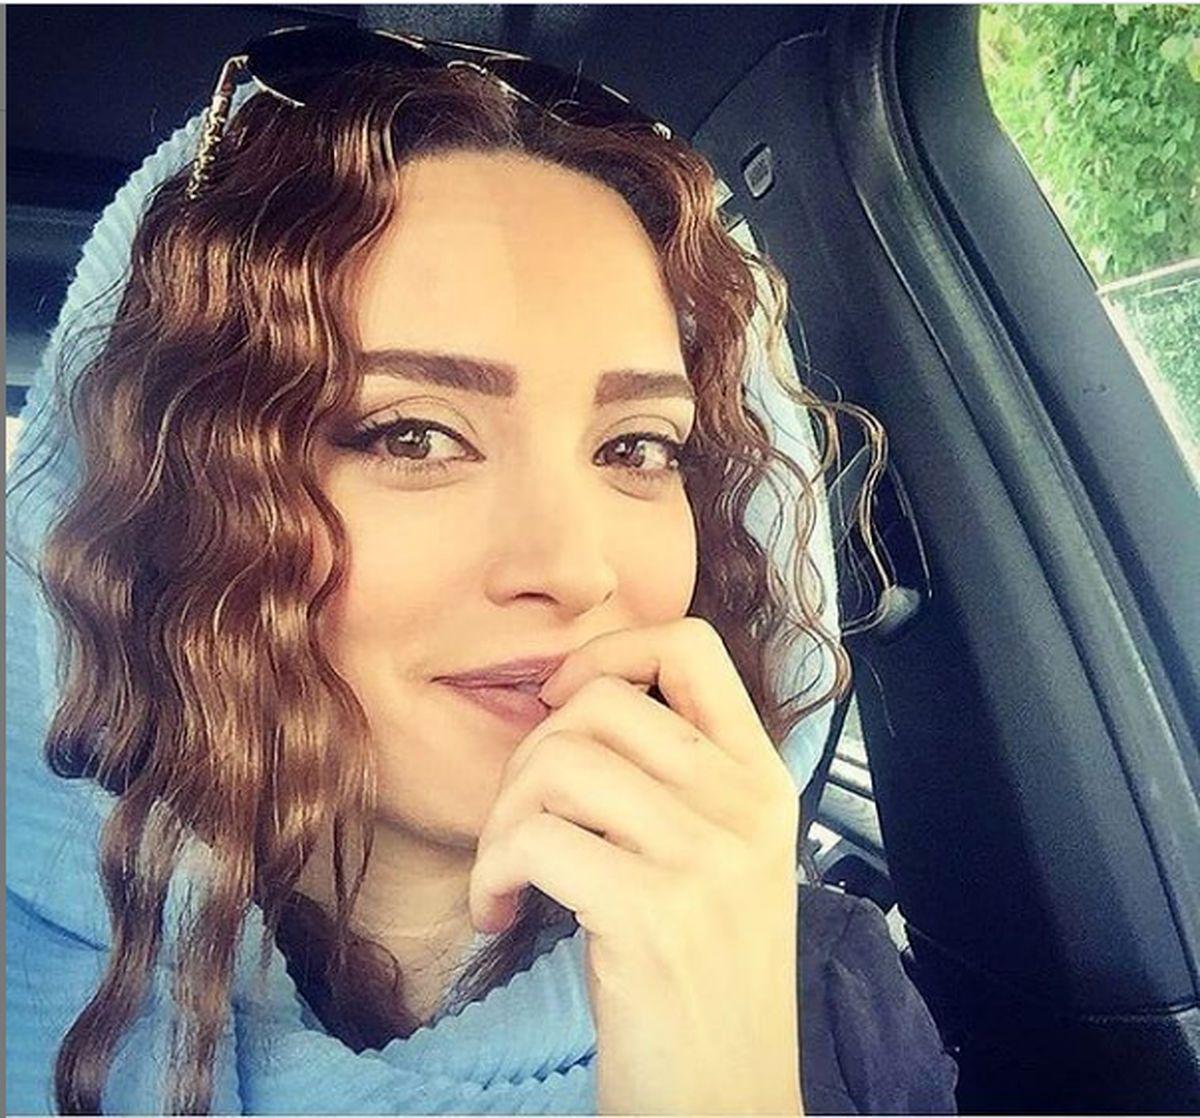 بیوگرافی بهنوش طباطبایی+ علت طلاق